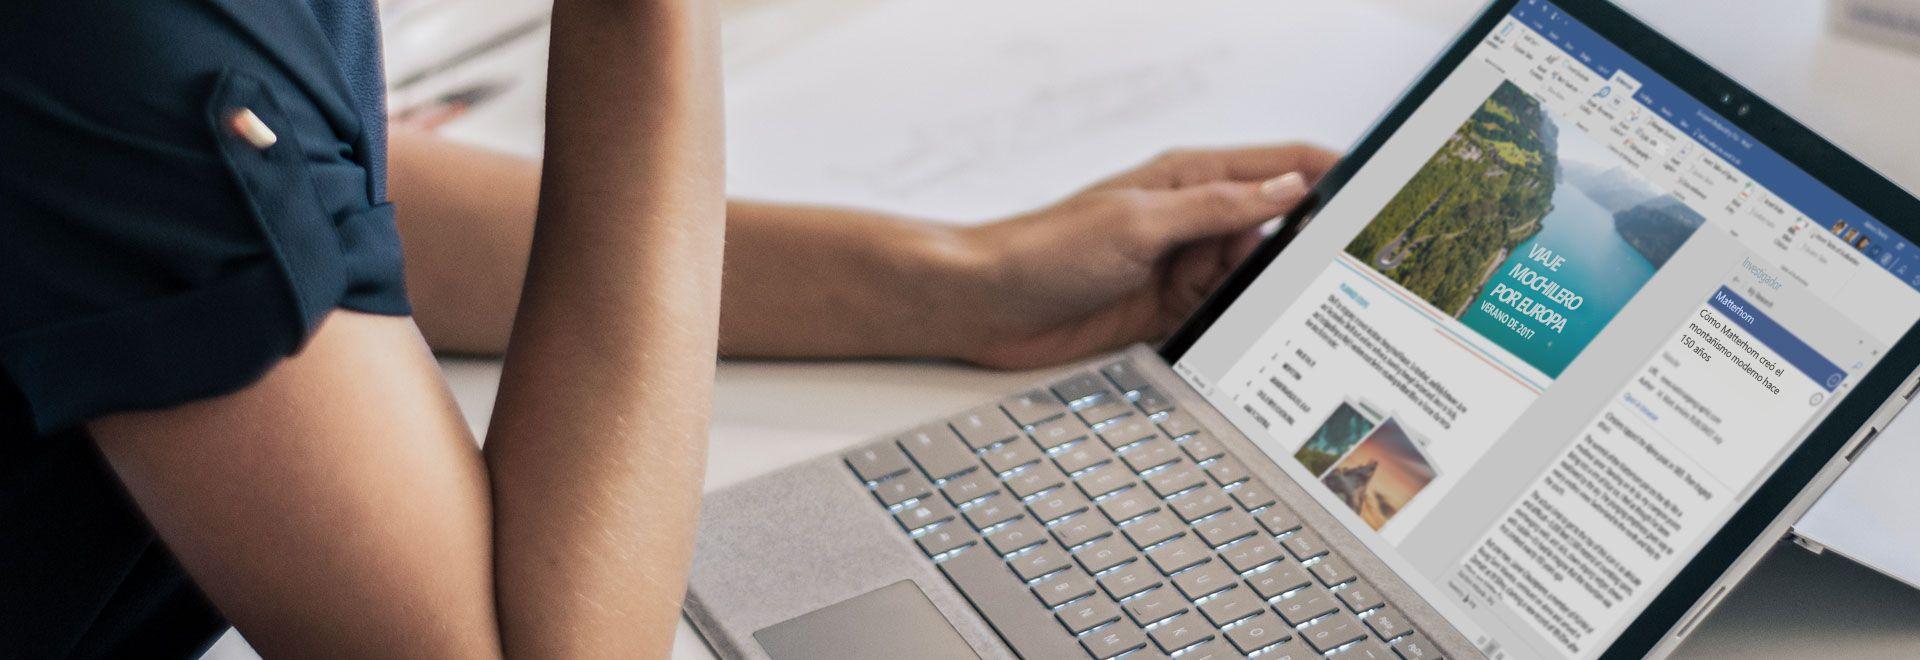 Tableta Microsoft Surface donde se muestra un documento de Word sobre un viaje con mochila por Europa con el Investigador de Word abierto